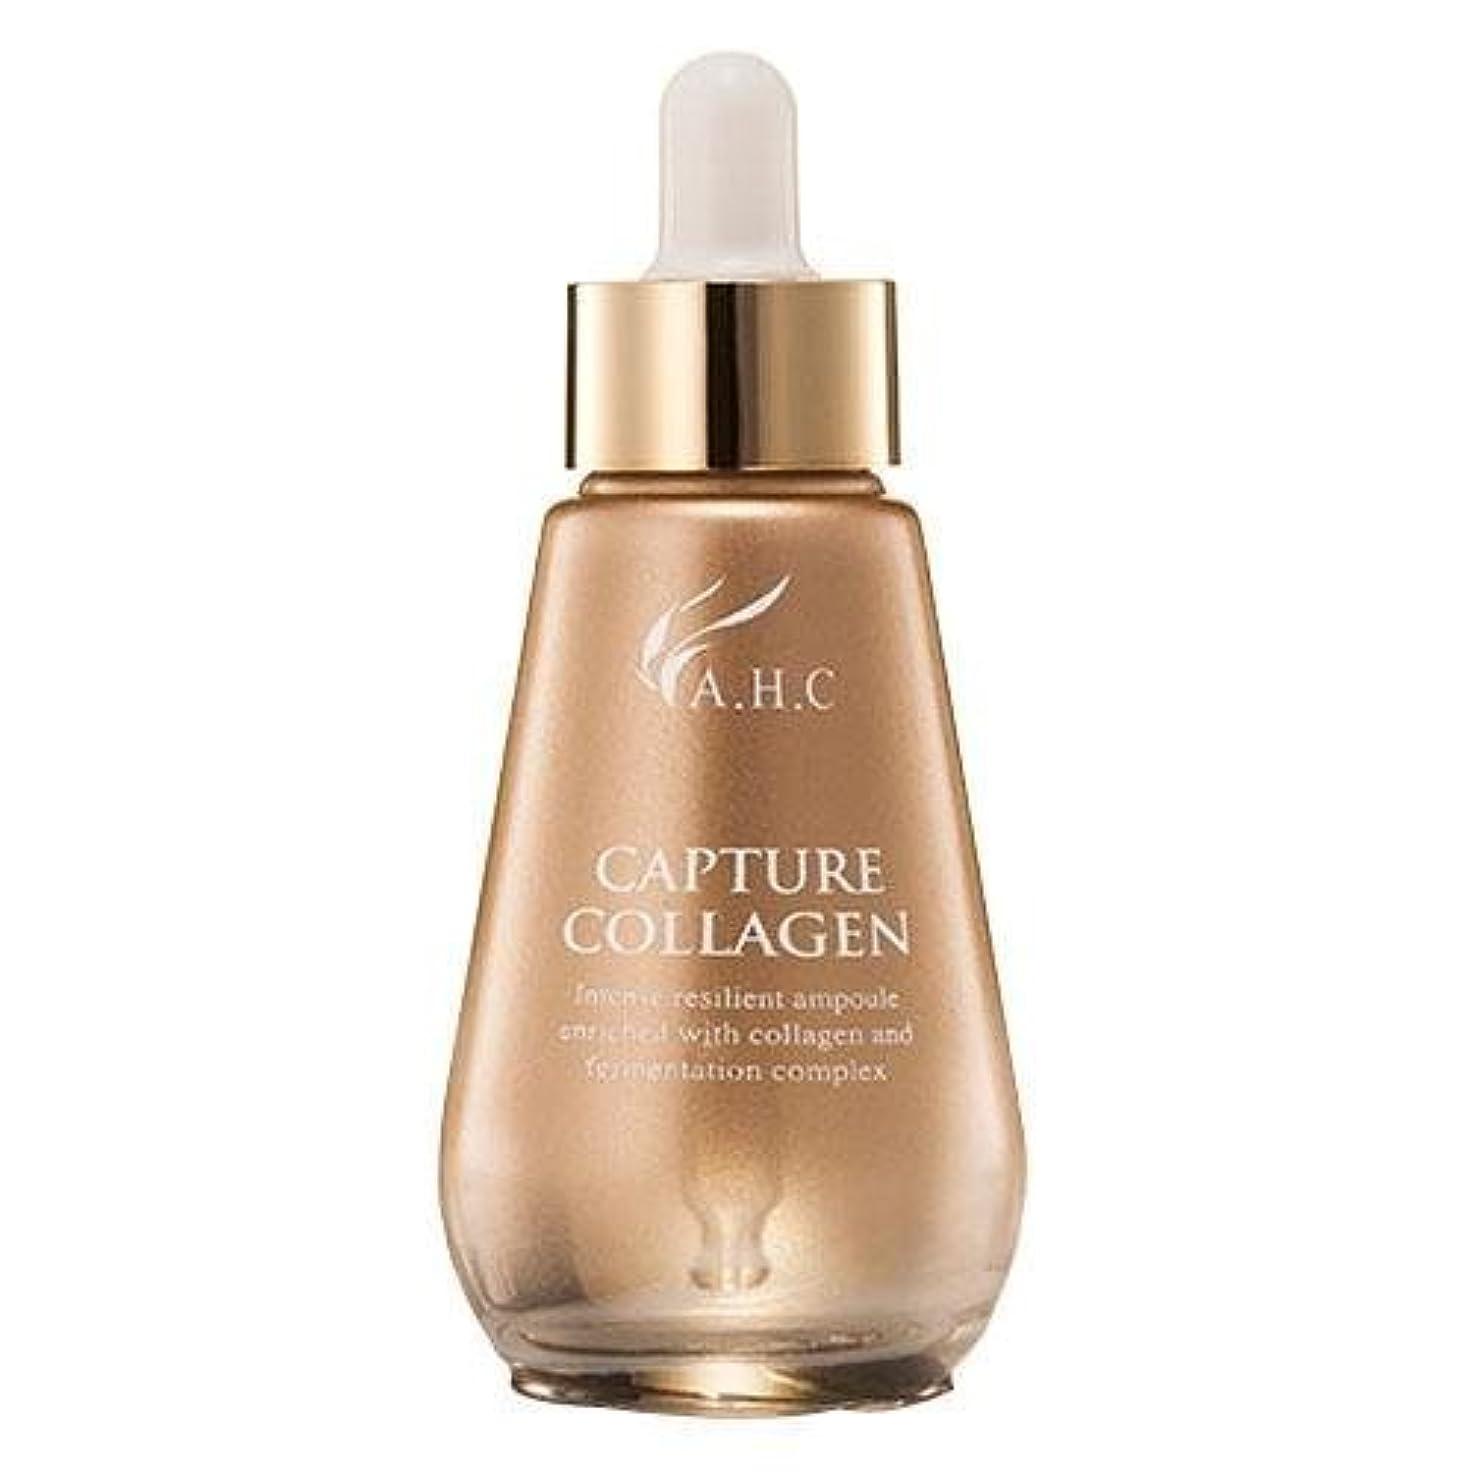 トランスペアレントエキサイティング反毒A.H.C Capture Collagen Ampoule/ Made in Korea